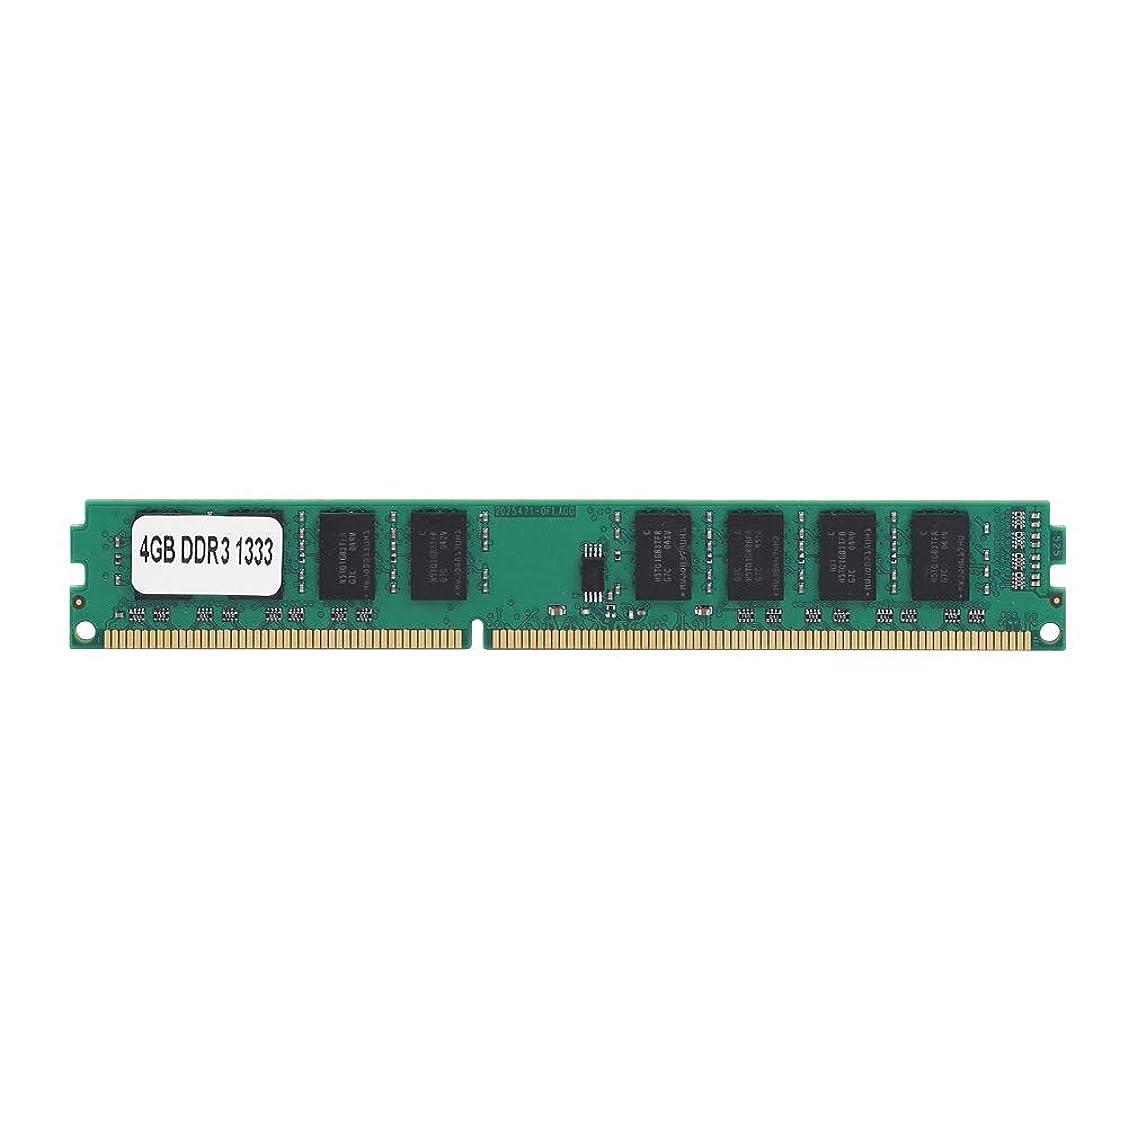 DDR3 RAM、1333Mhz高周波DDR3メモリRAM 4GB高速データ転送RAM DDR3 4GB(Intel/AMD用)、DDR3 4GB